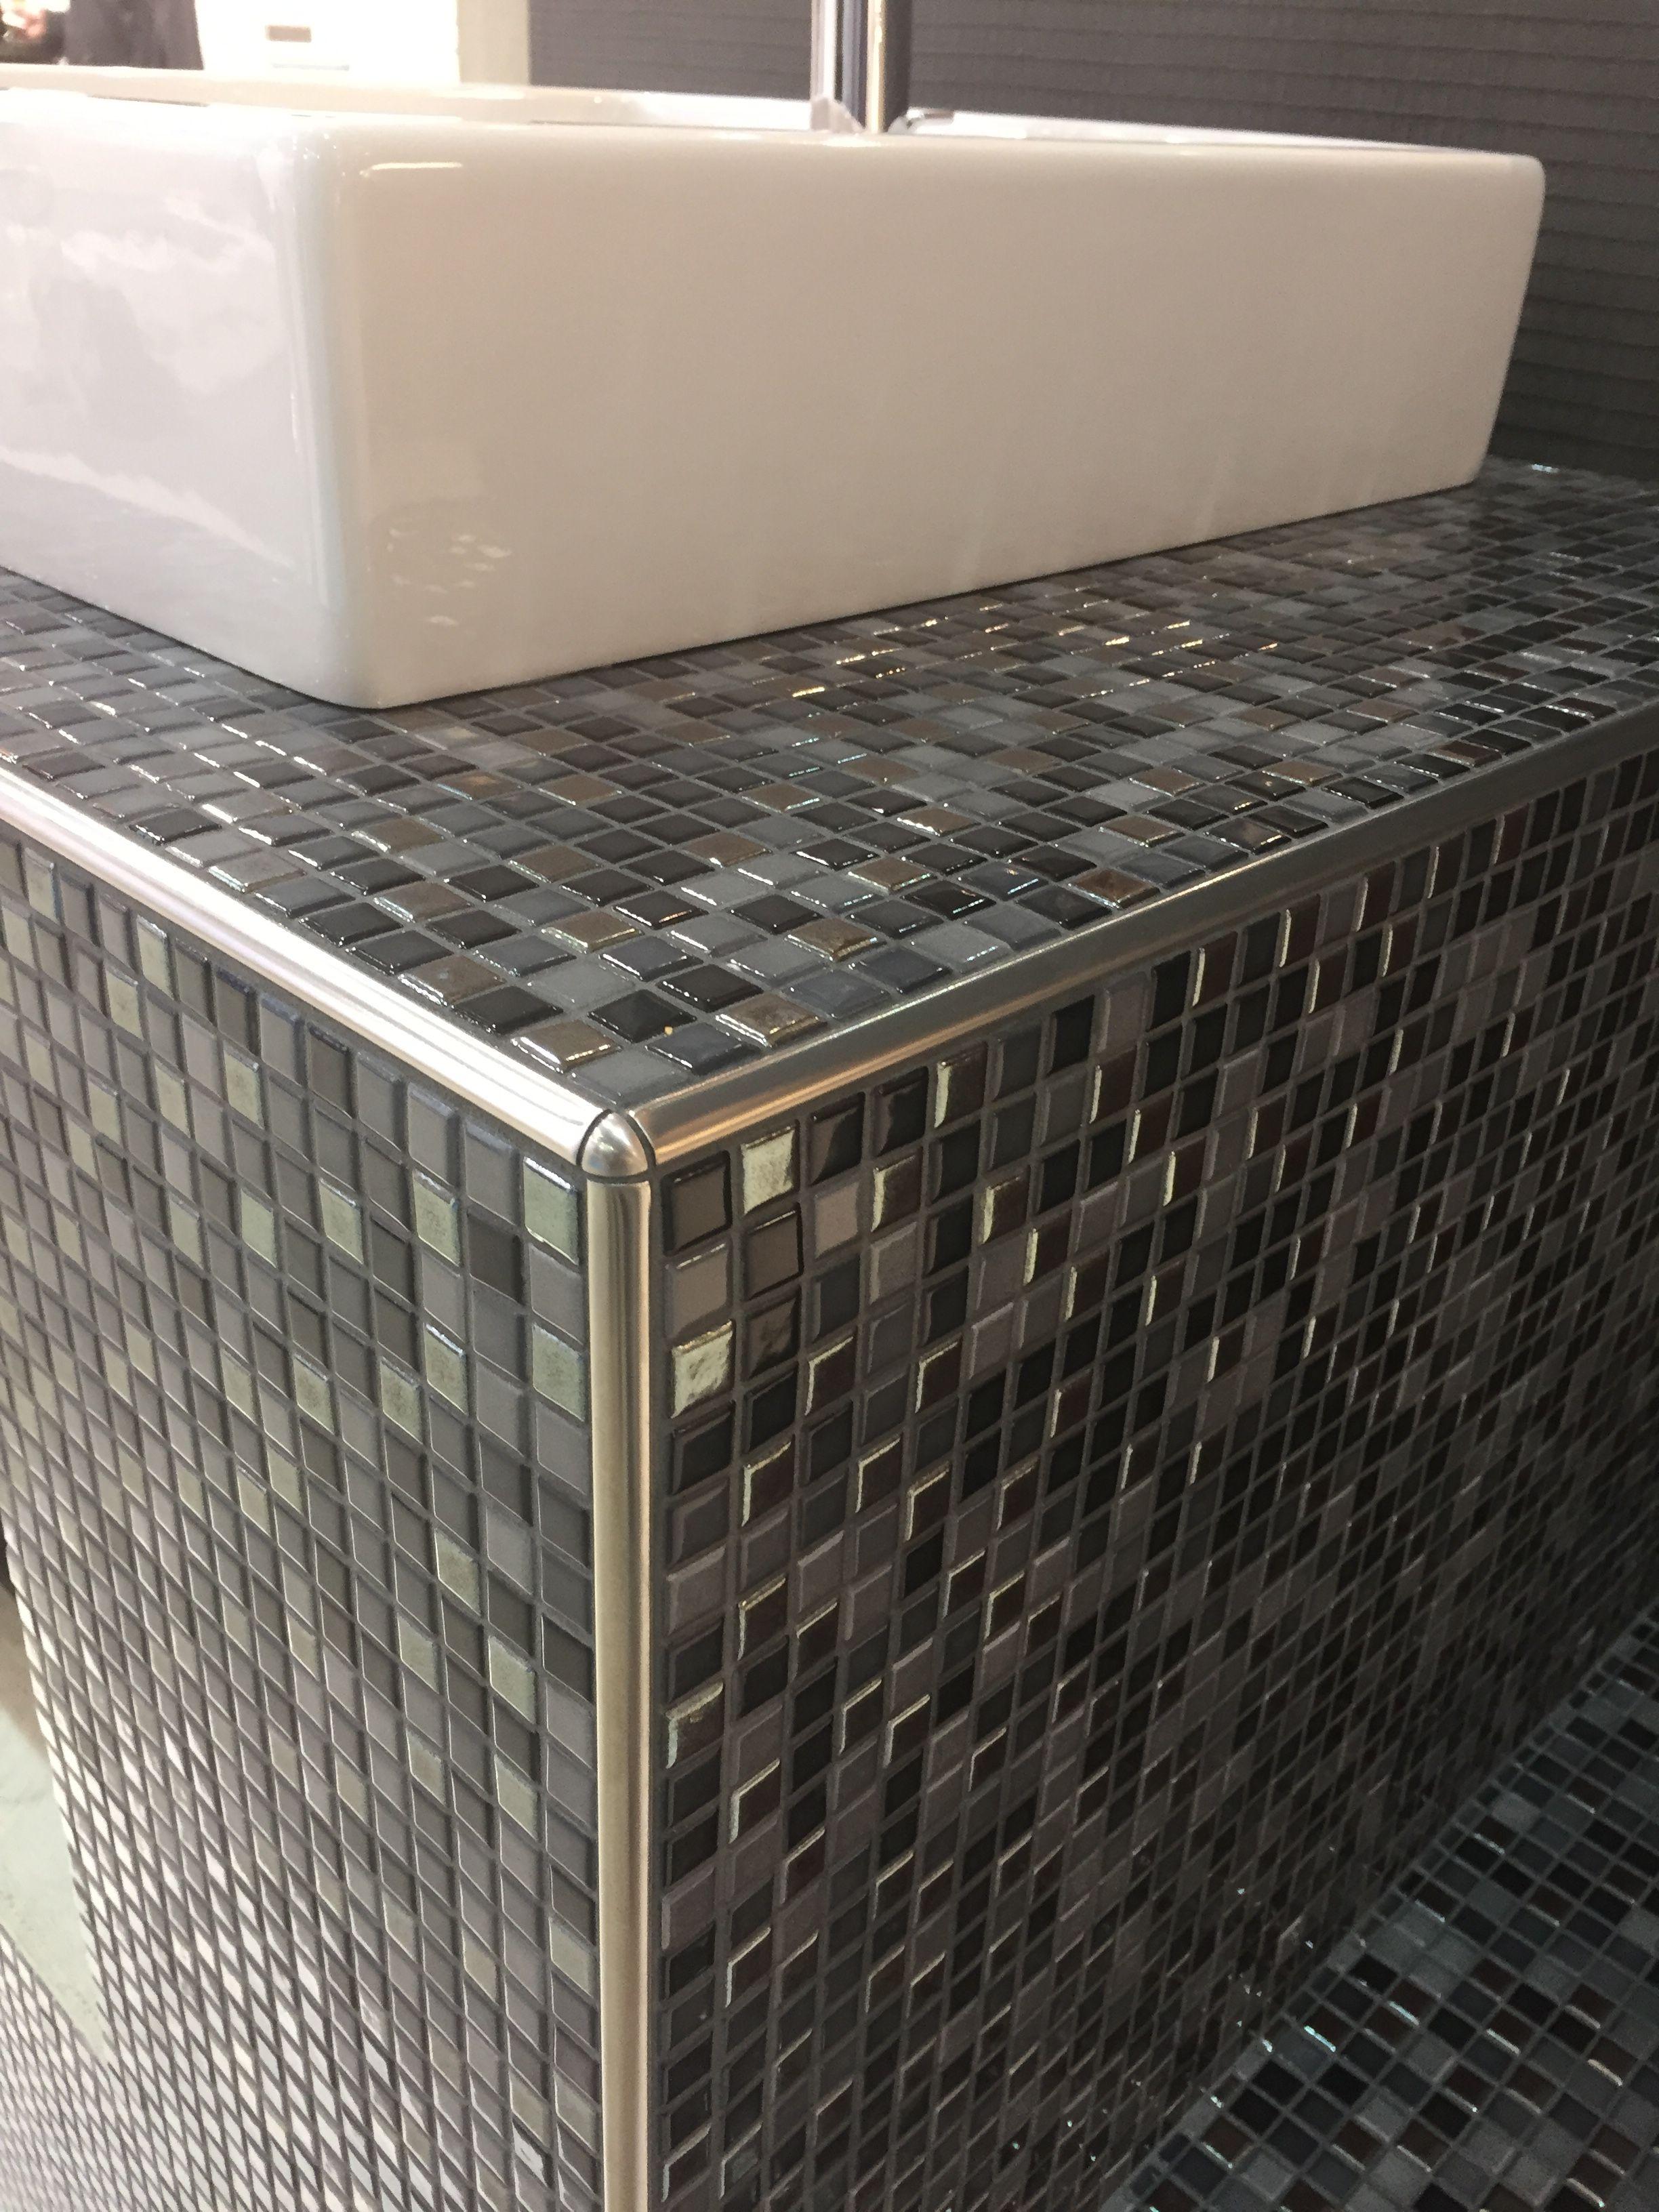 Unterkonstruktion Waschtisch Aus Wedi Bauplatten Mosaik Fliesen Jasba Natural Glamour Wedi Jasba Waschtisch Selber Bauen Waschtisch Badezimmer Mosaik